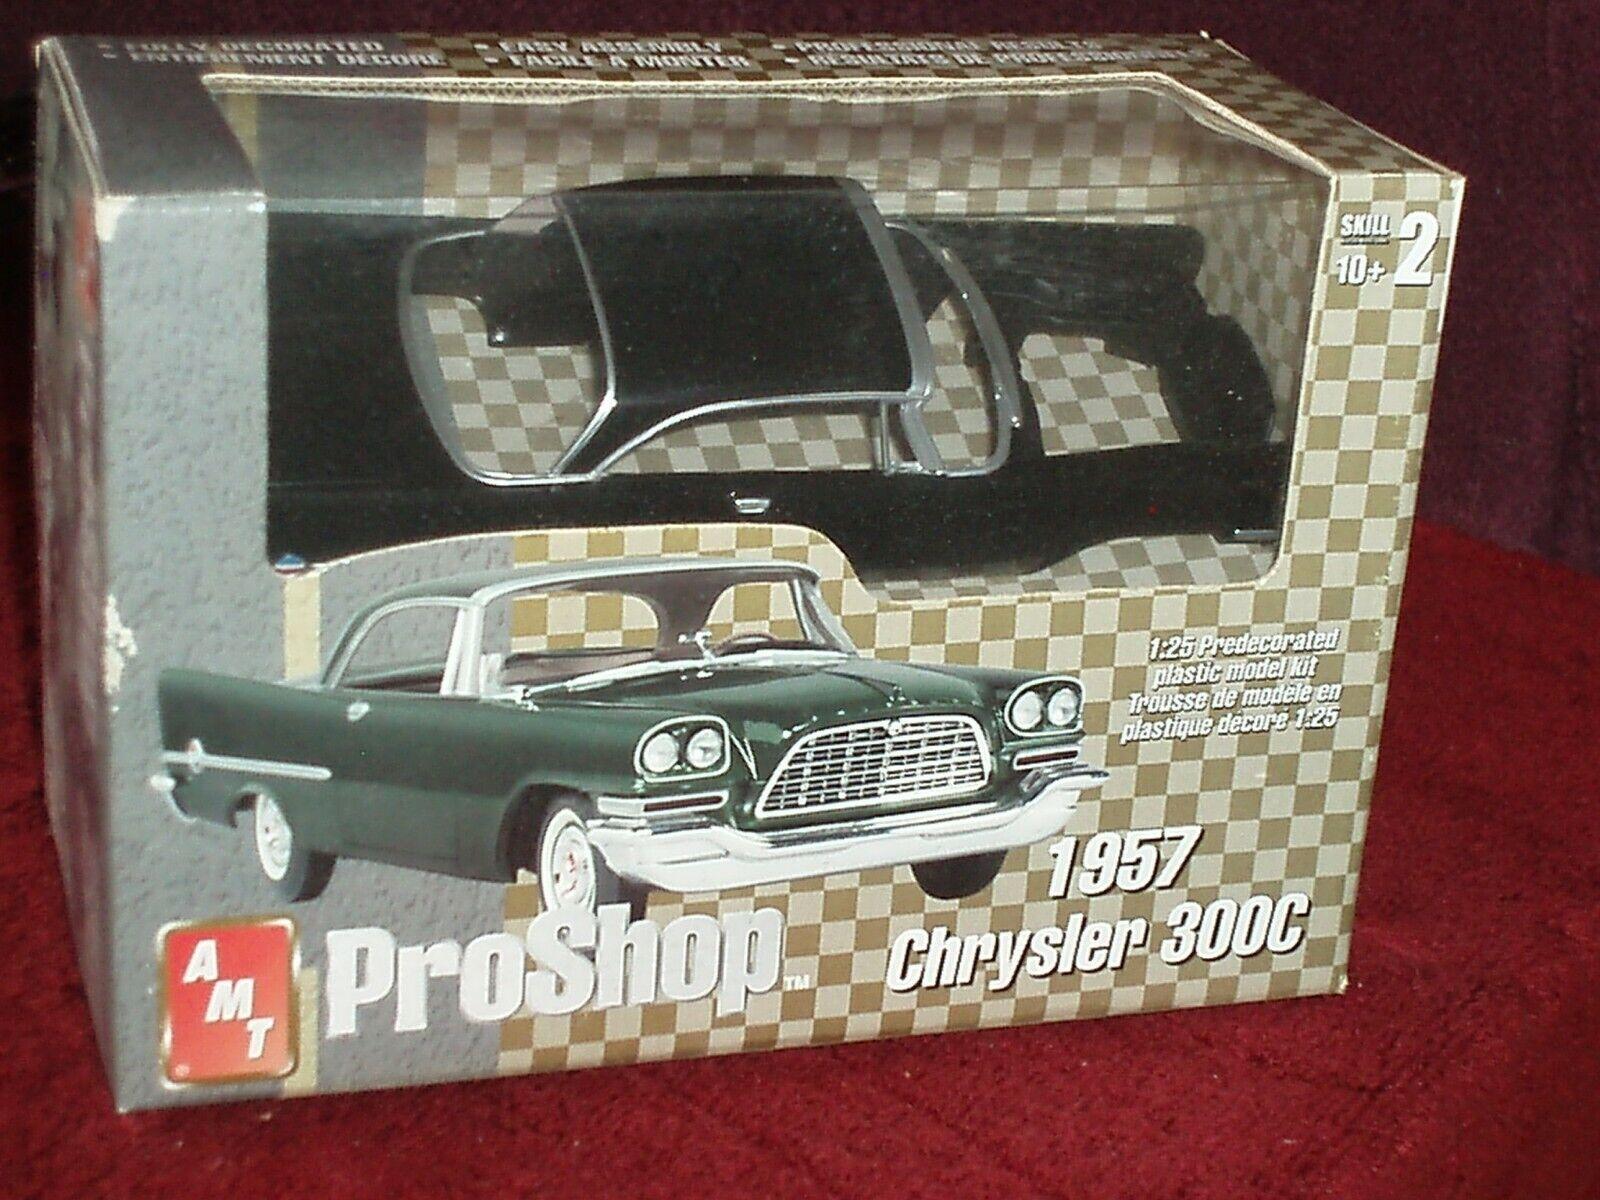 Juguetes Modelo De Aluminio Pro Shop 1957 Chrysler 300C 1 25 Prepintado Kit plástico modelo